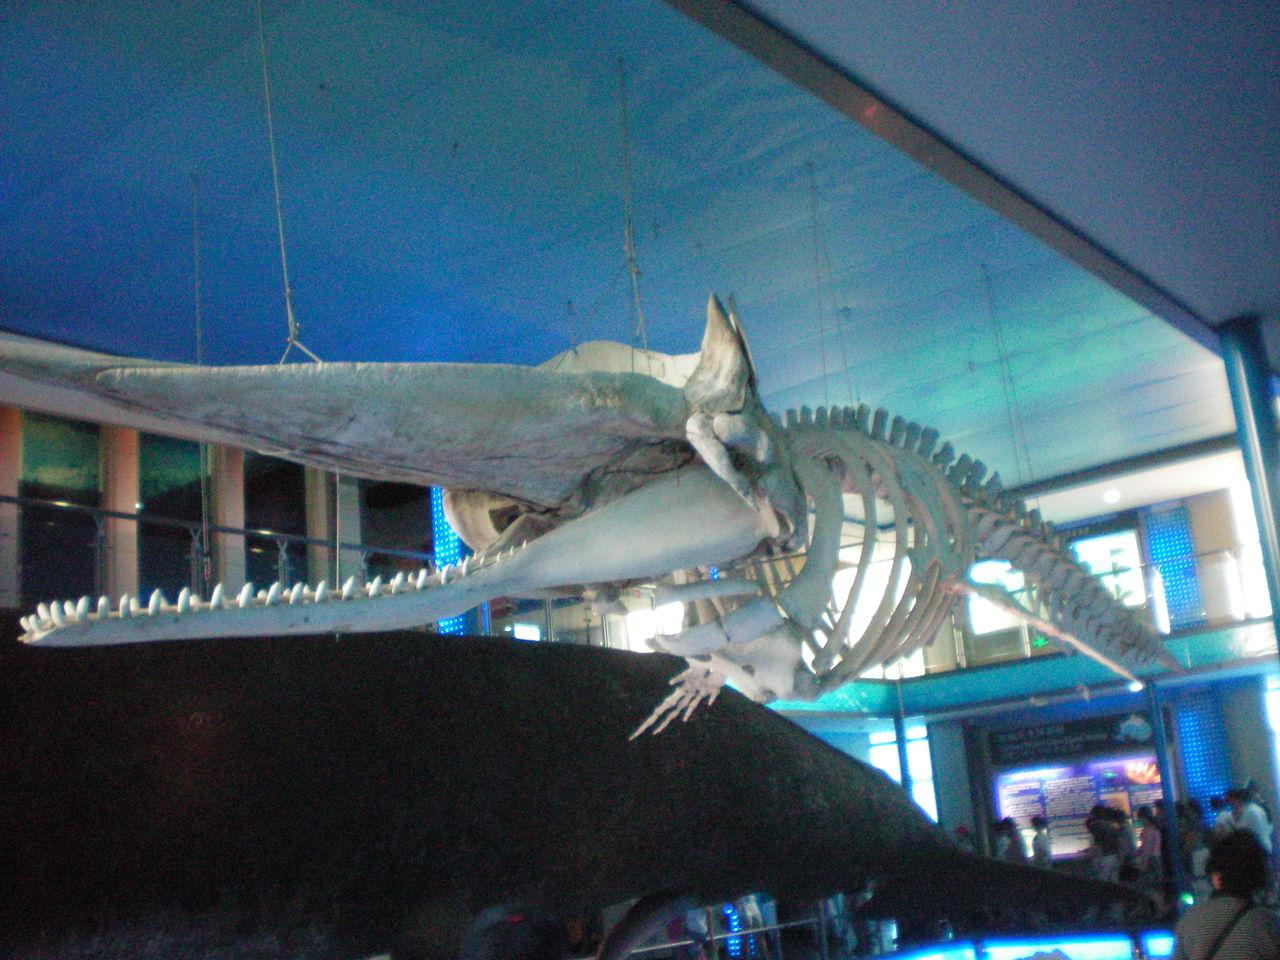 纽约展出17米长抹香鲸骨架 呼吁对鲸的保护